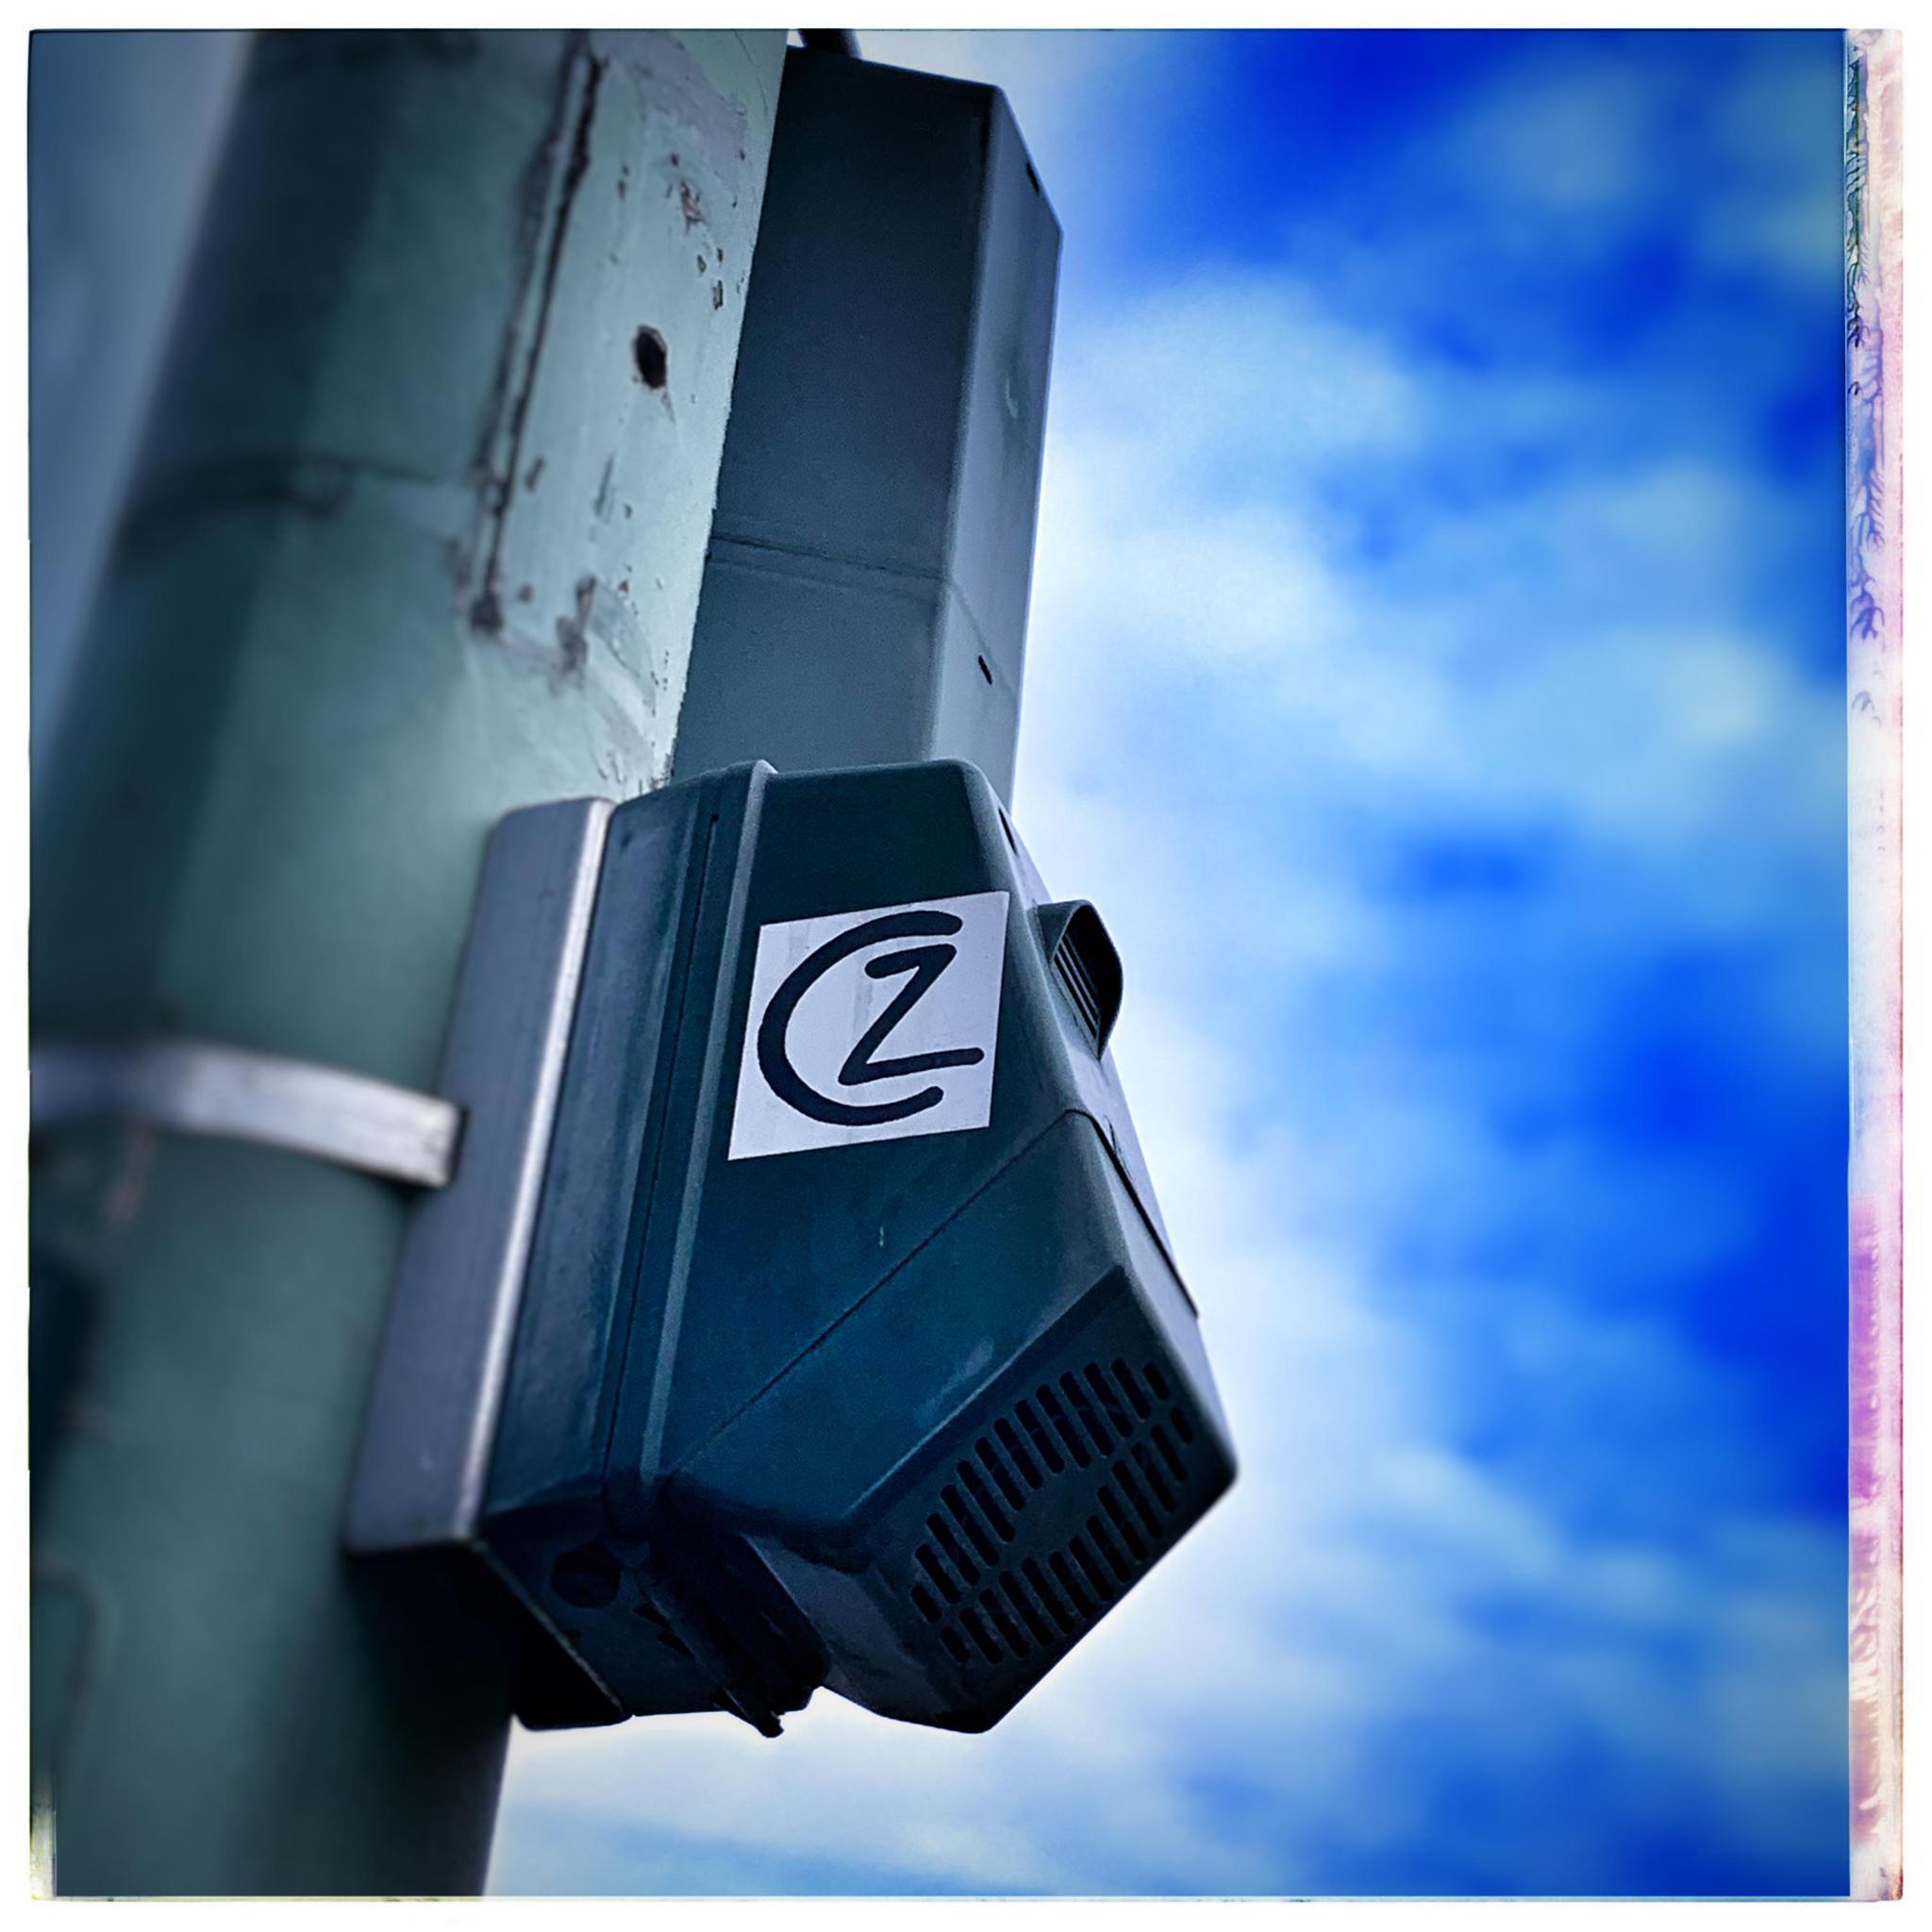 Sticker: C/Z